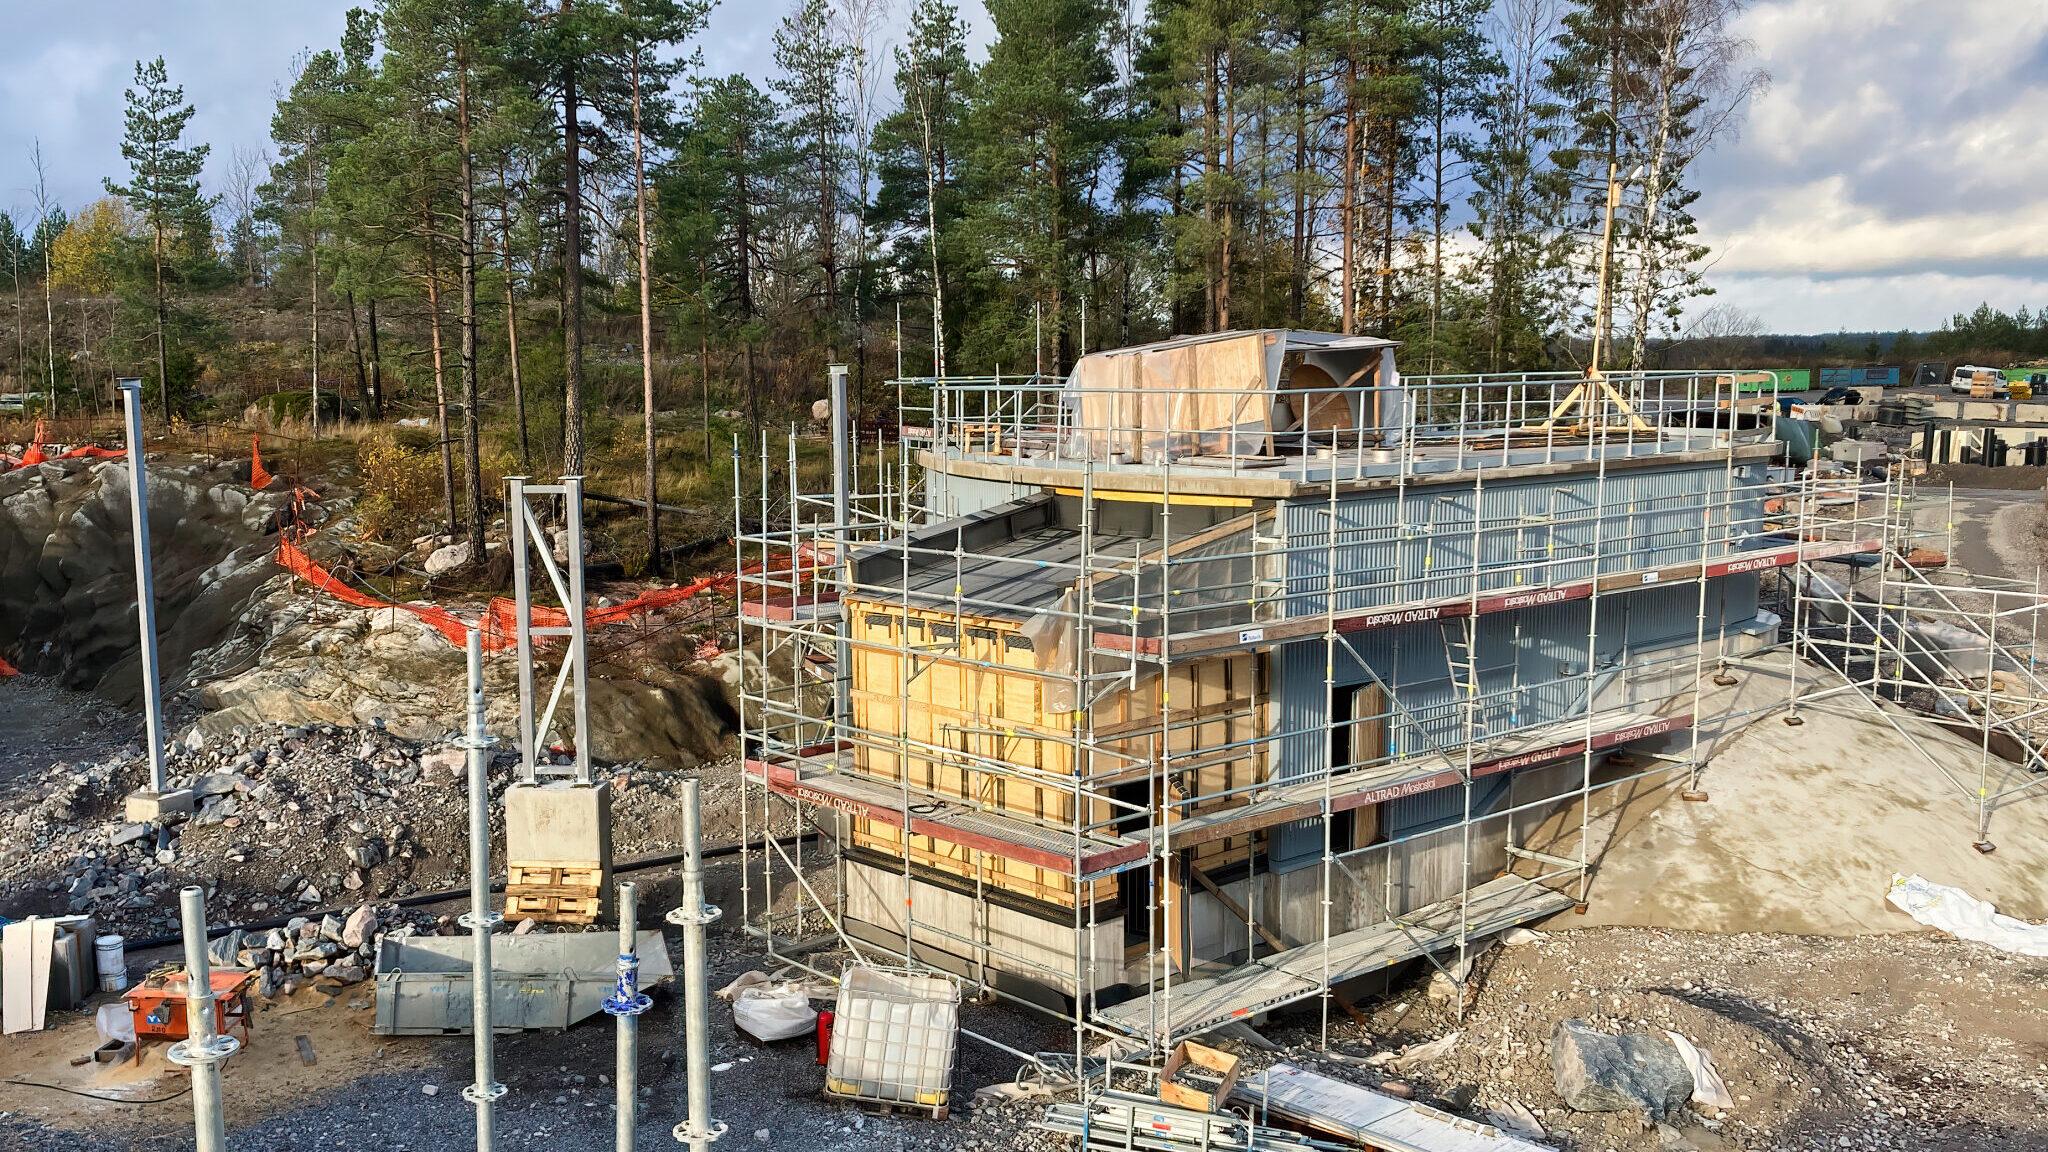 Blominmäen jätevedenpuhdistamo rakennusvaiheessa. Kuvassa on osa jätevedenpuhdistamon maanpäällistä osaa rakkenustelineiden ympäröimänä.